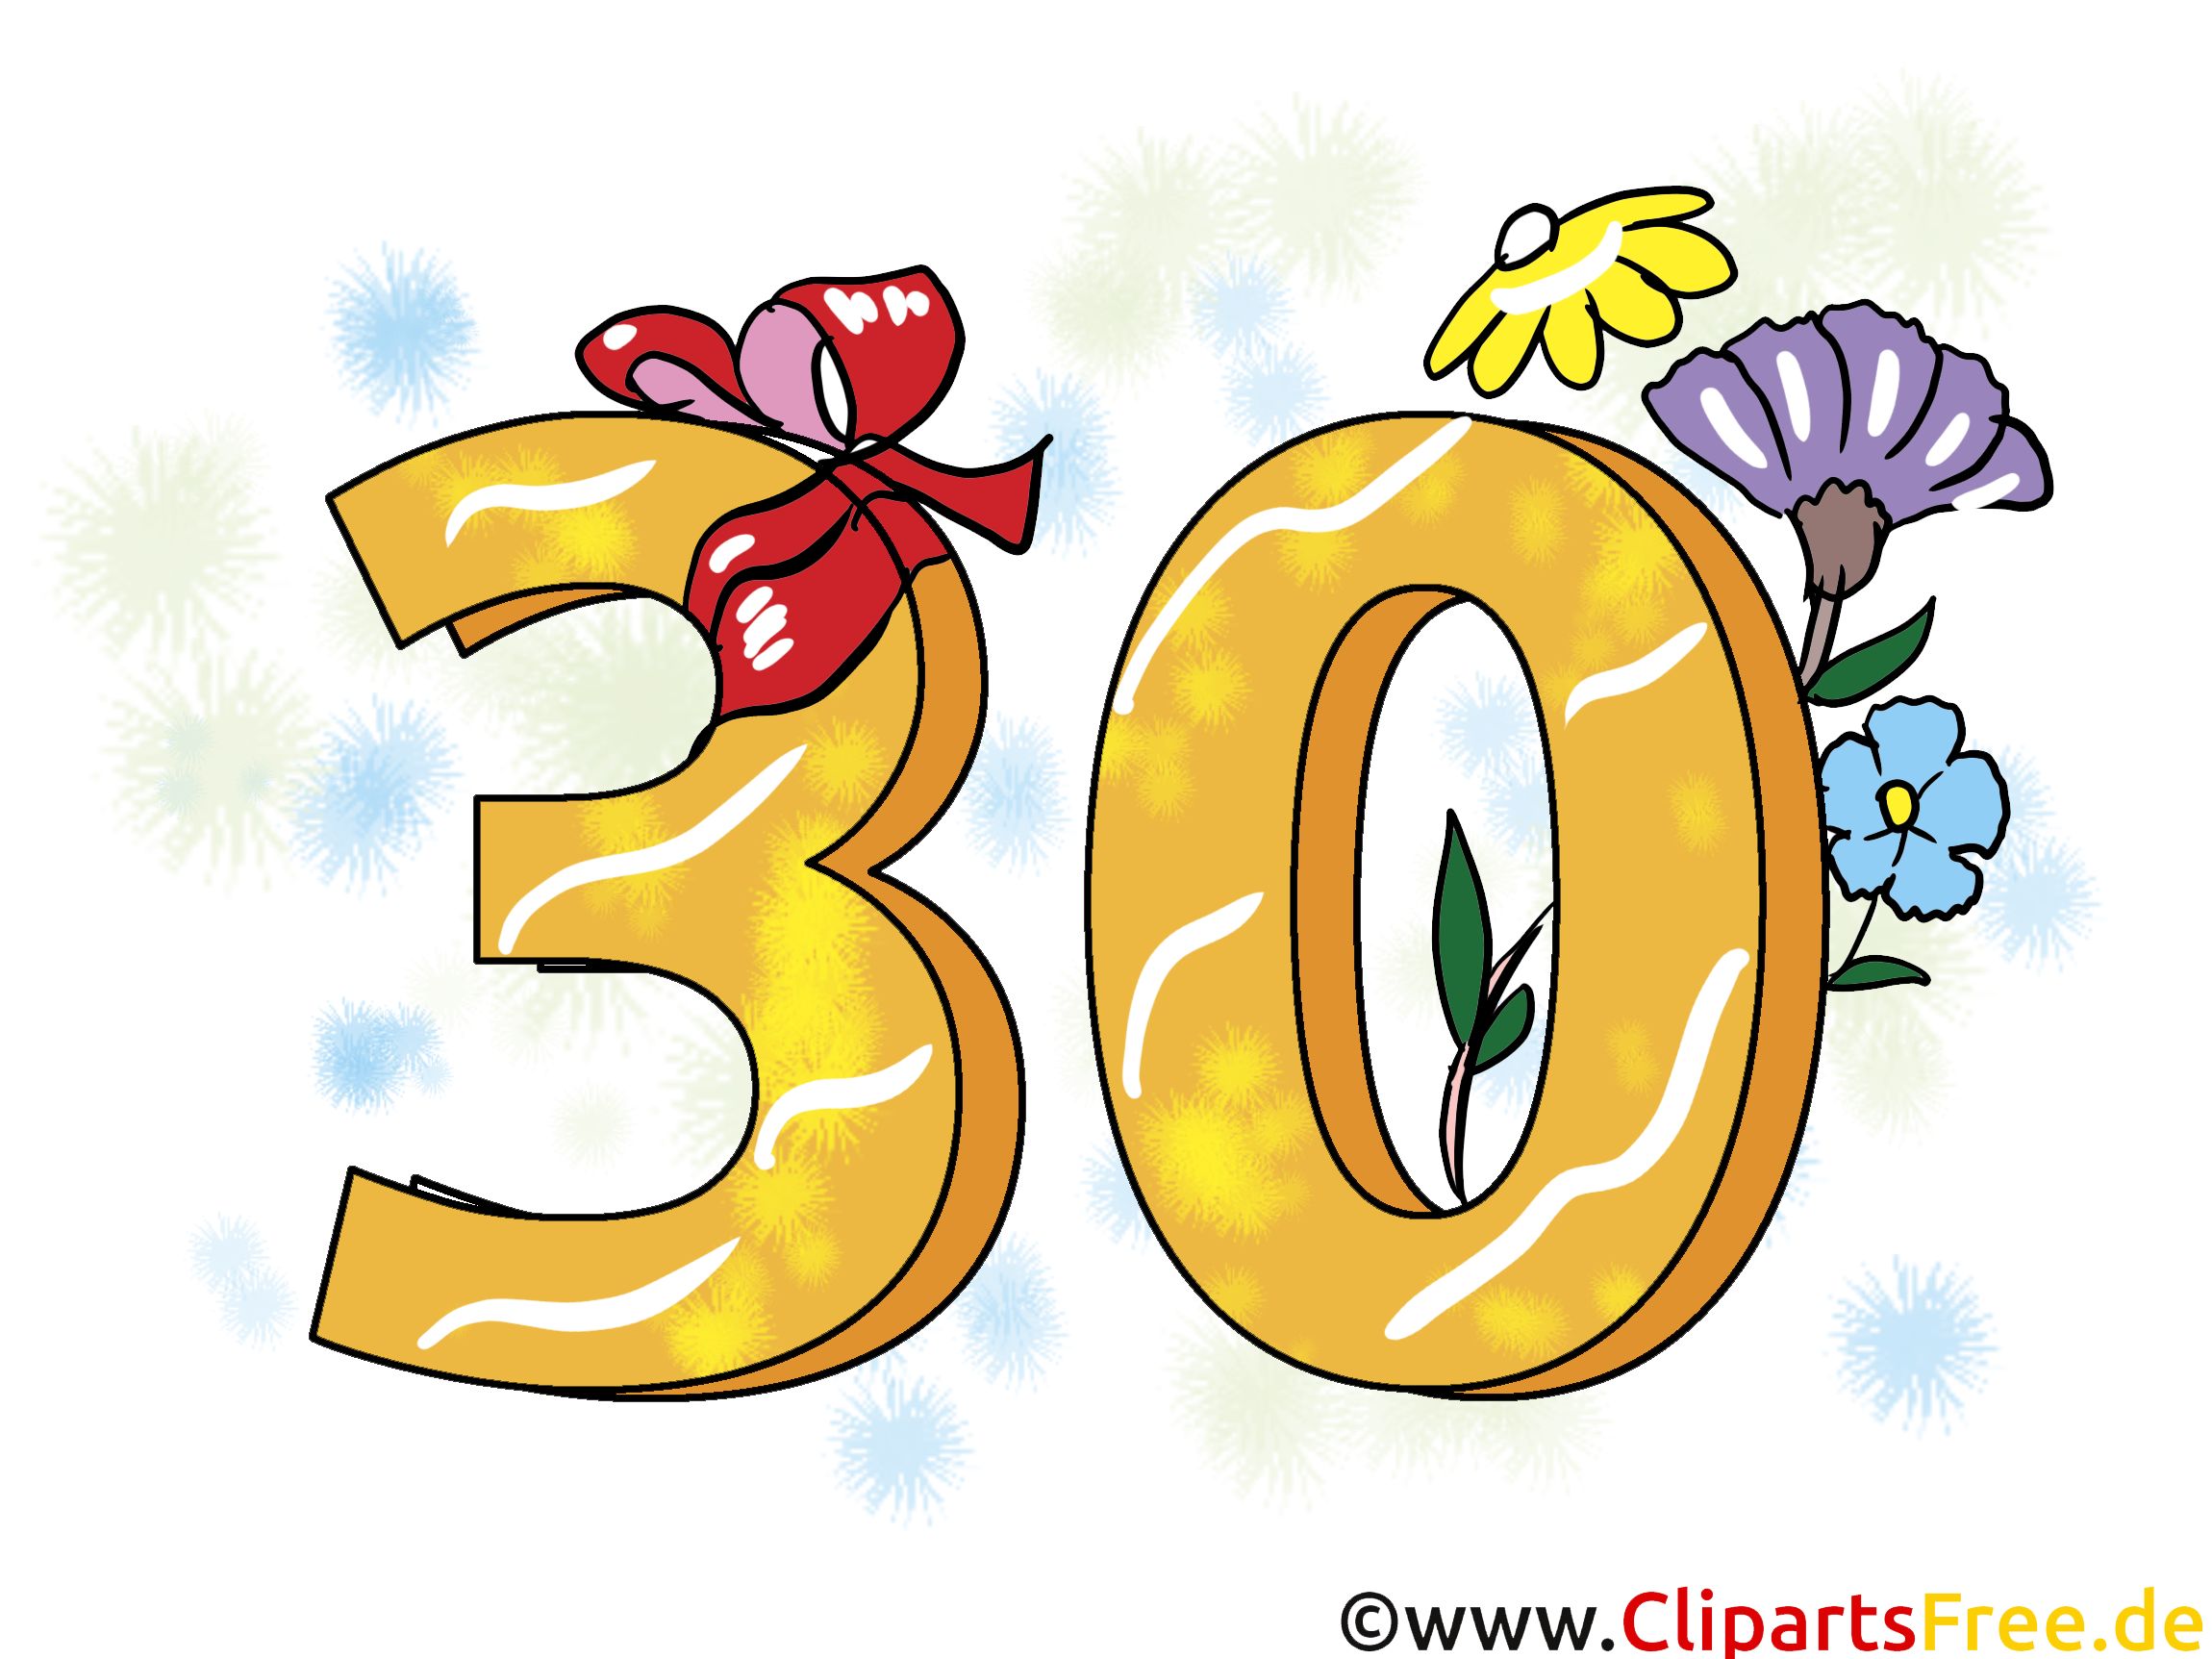 geburtstagssprüche 30 jahre - clipart, grusskarte, Einladung